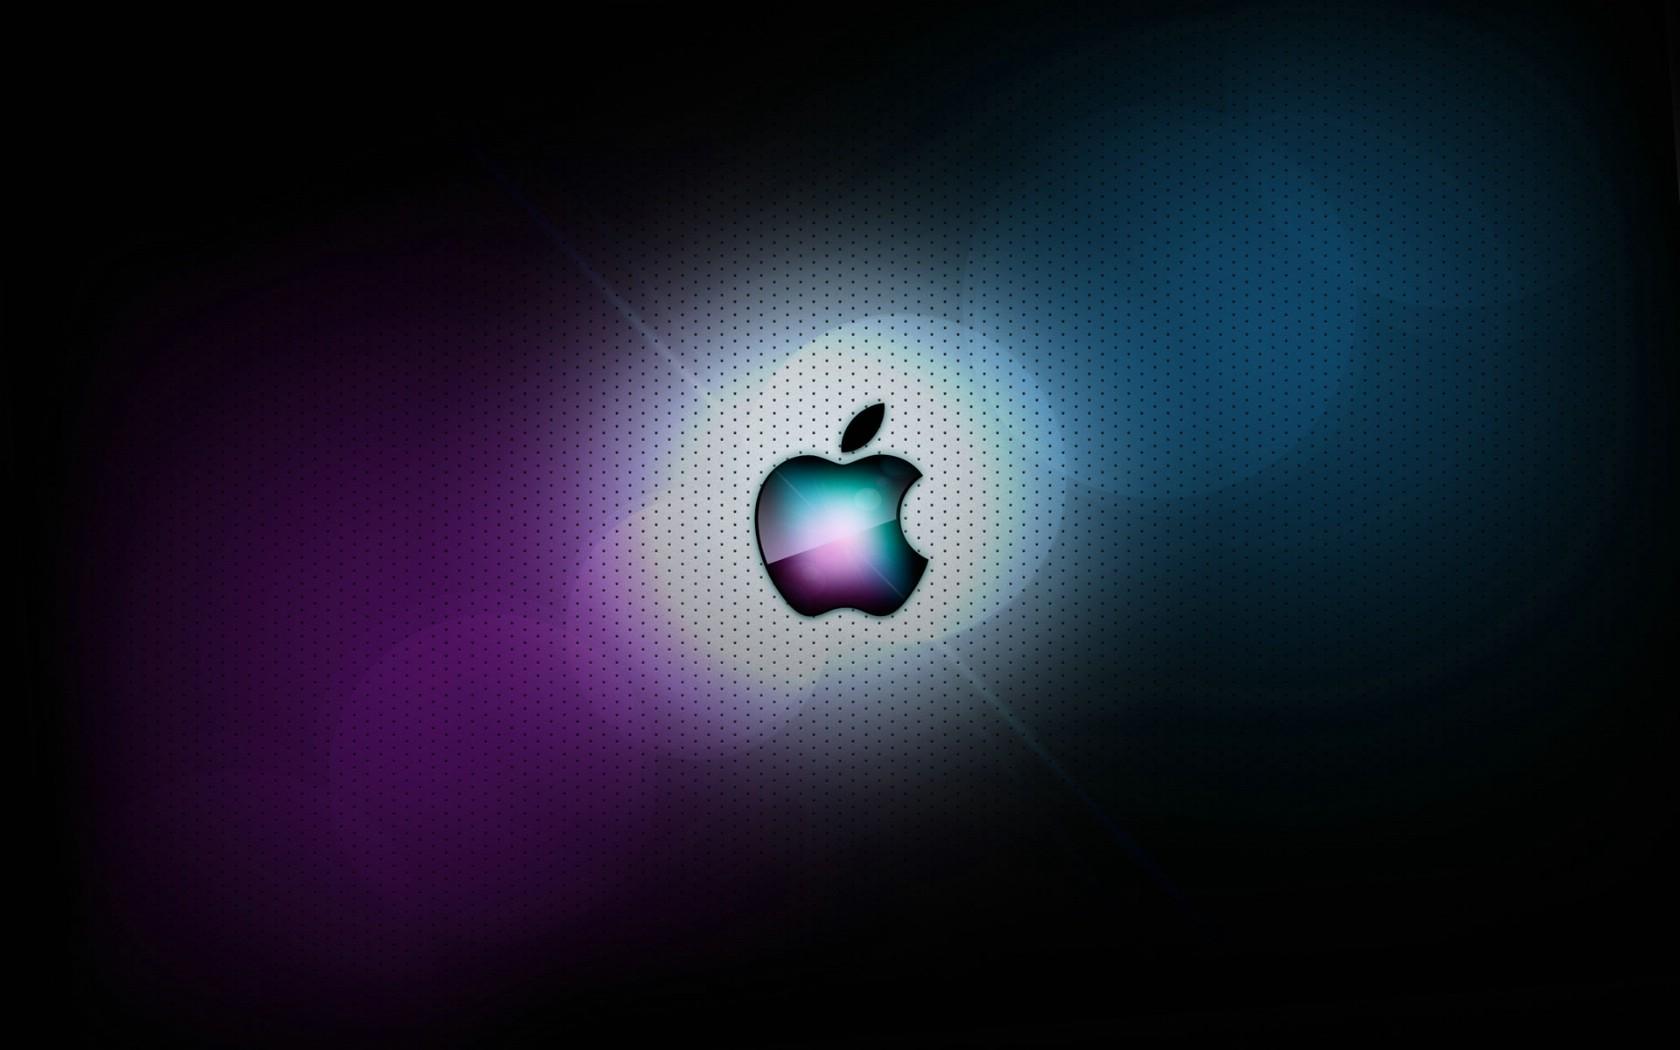 系统壁纸_苹果6s系统自带壁纸_电脑系统壁纸_苹果6